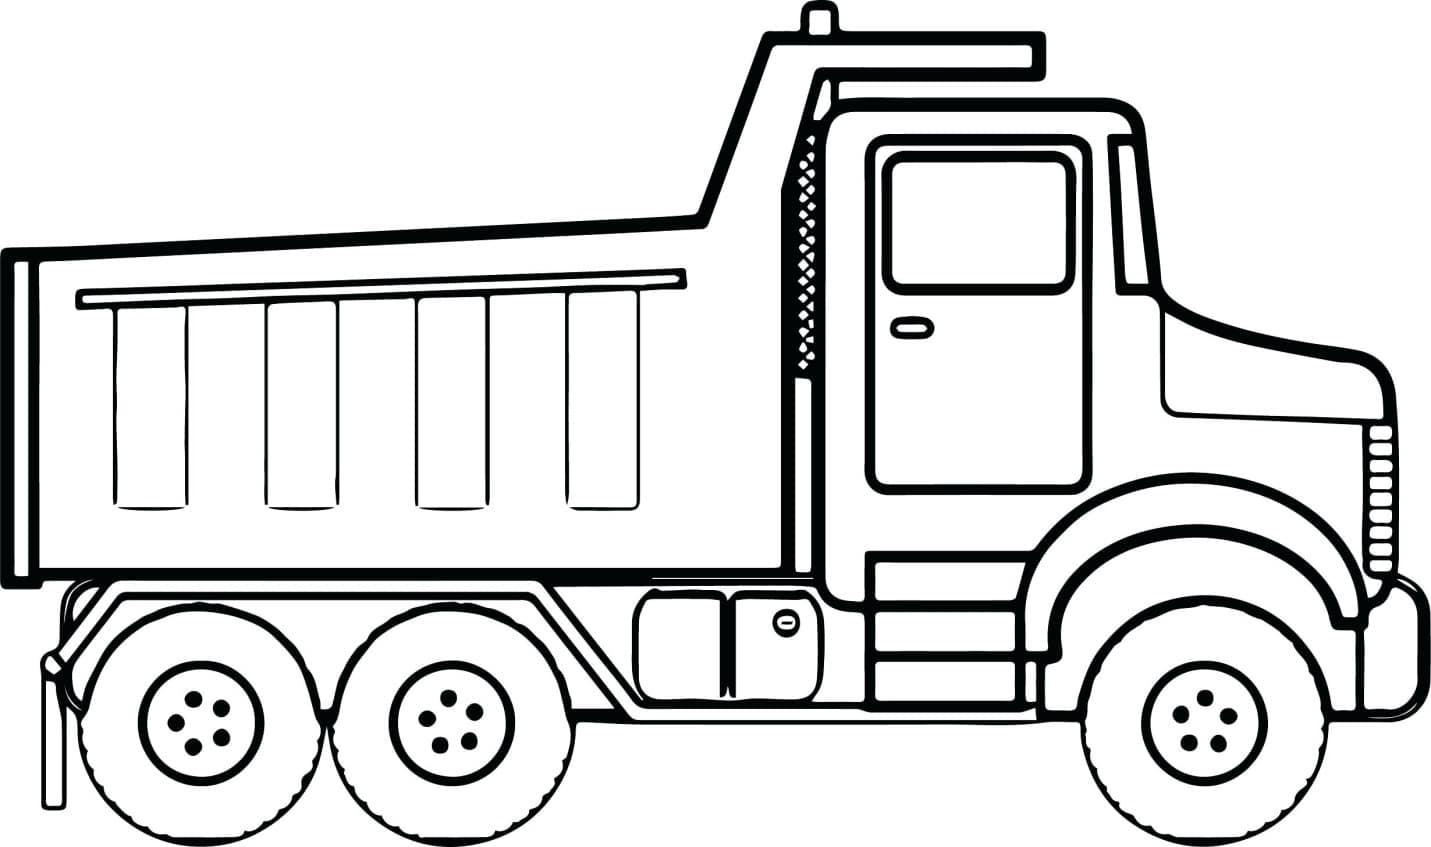 Tranh tô màu xe tải cho bé